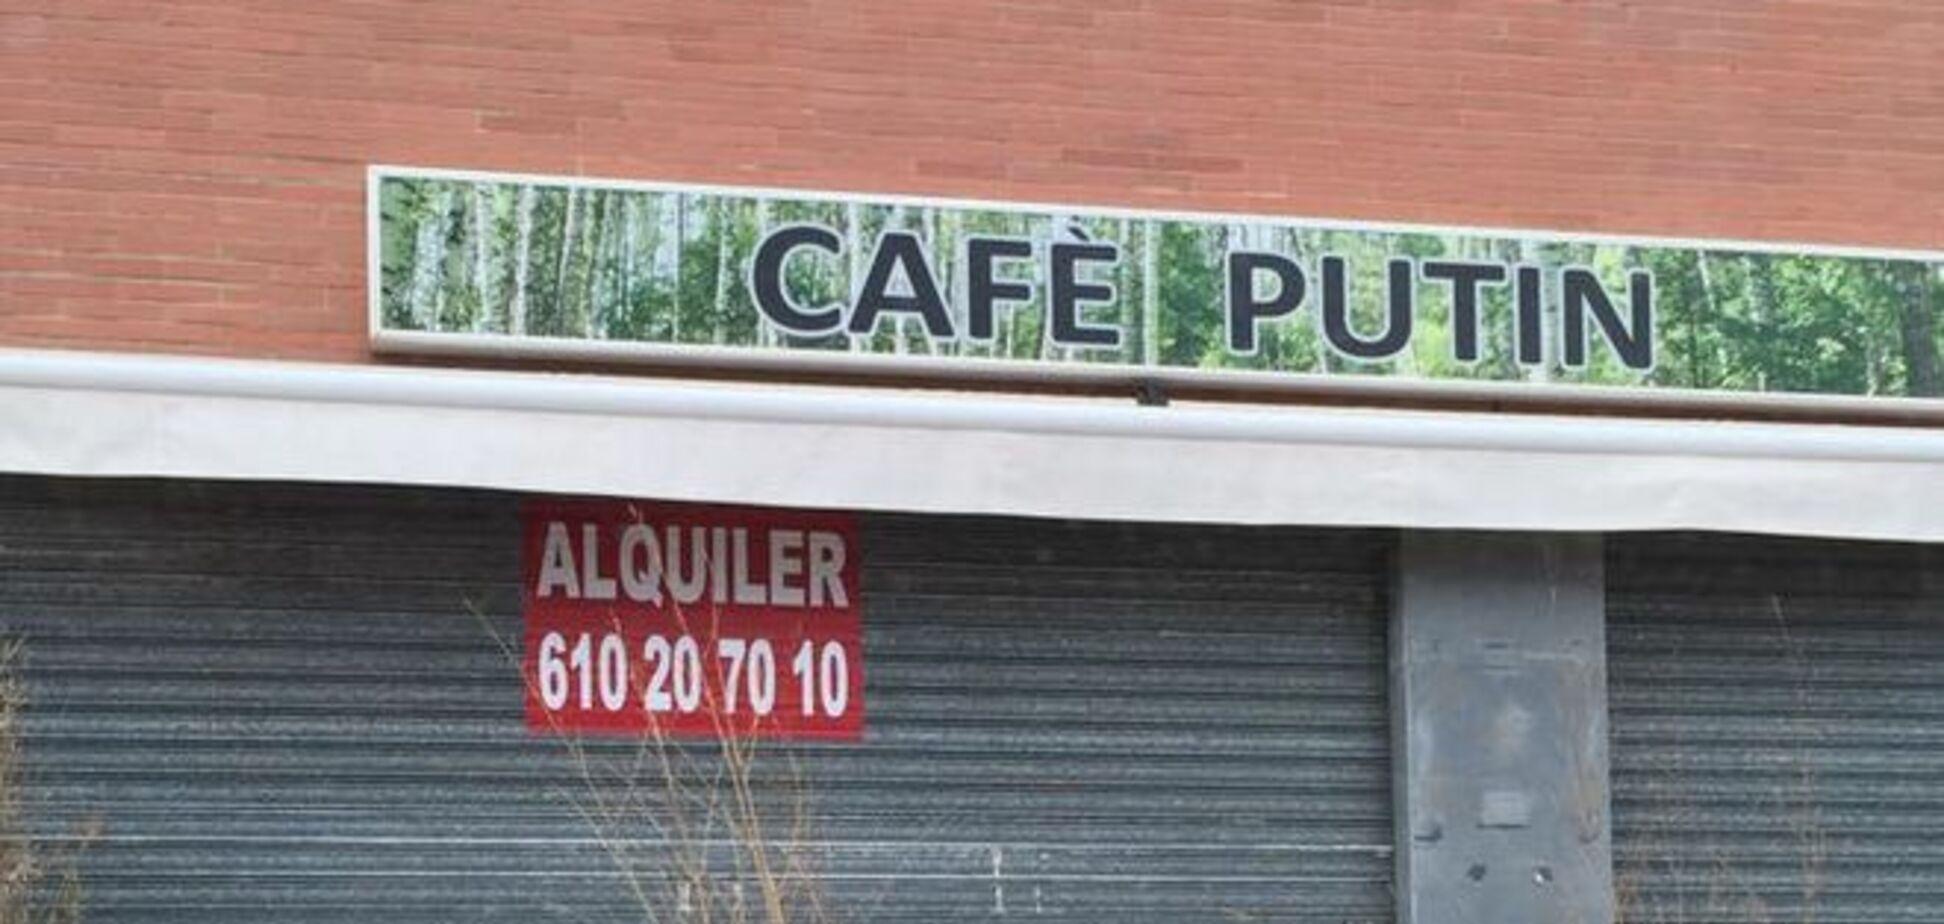 В Испании кафе 'Путин' закрылось после 2 недель работы: никто не ходил